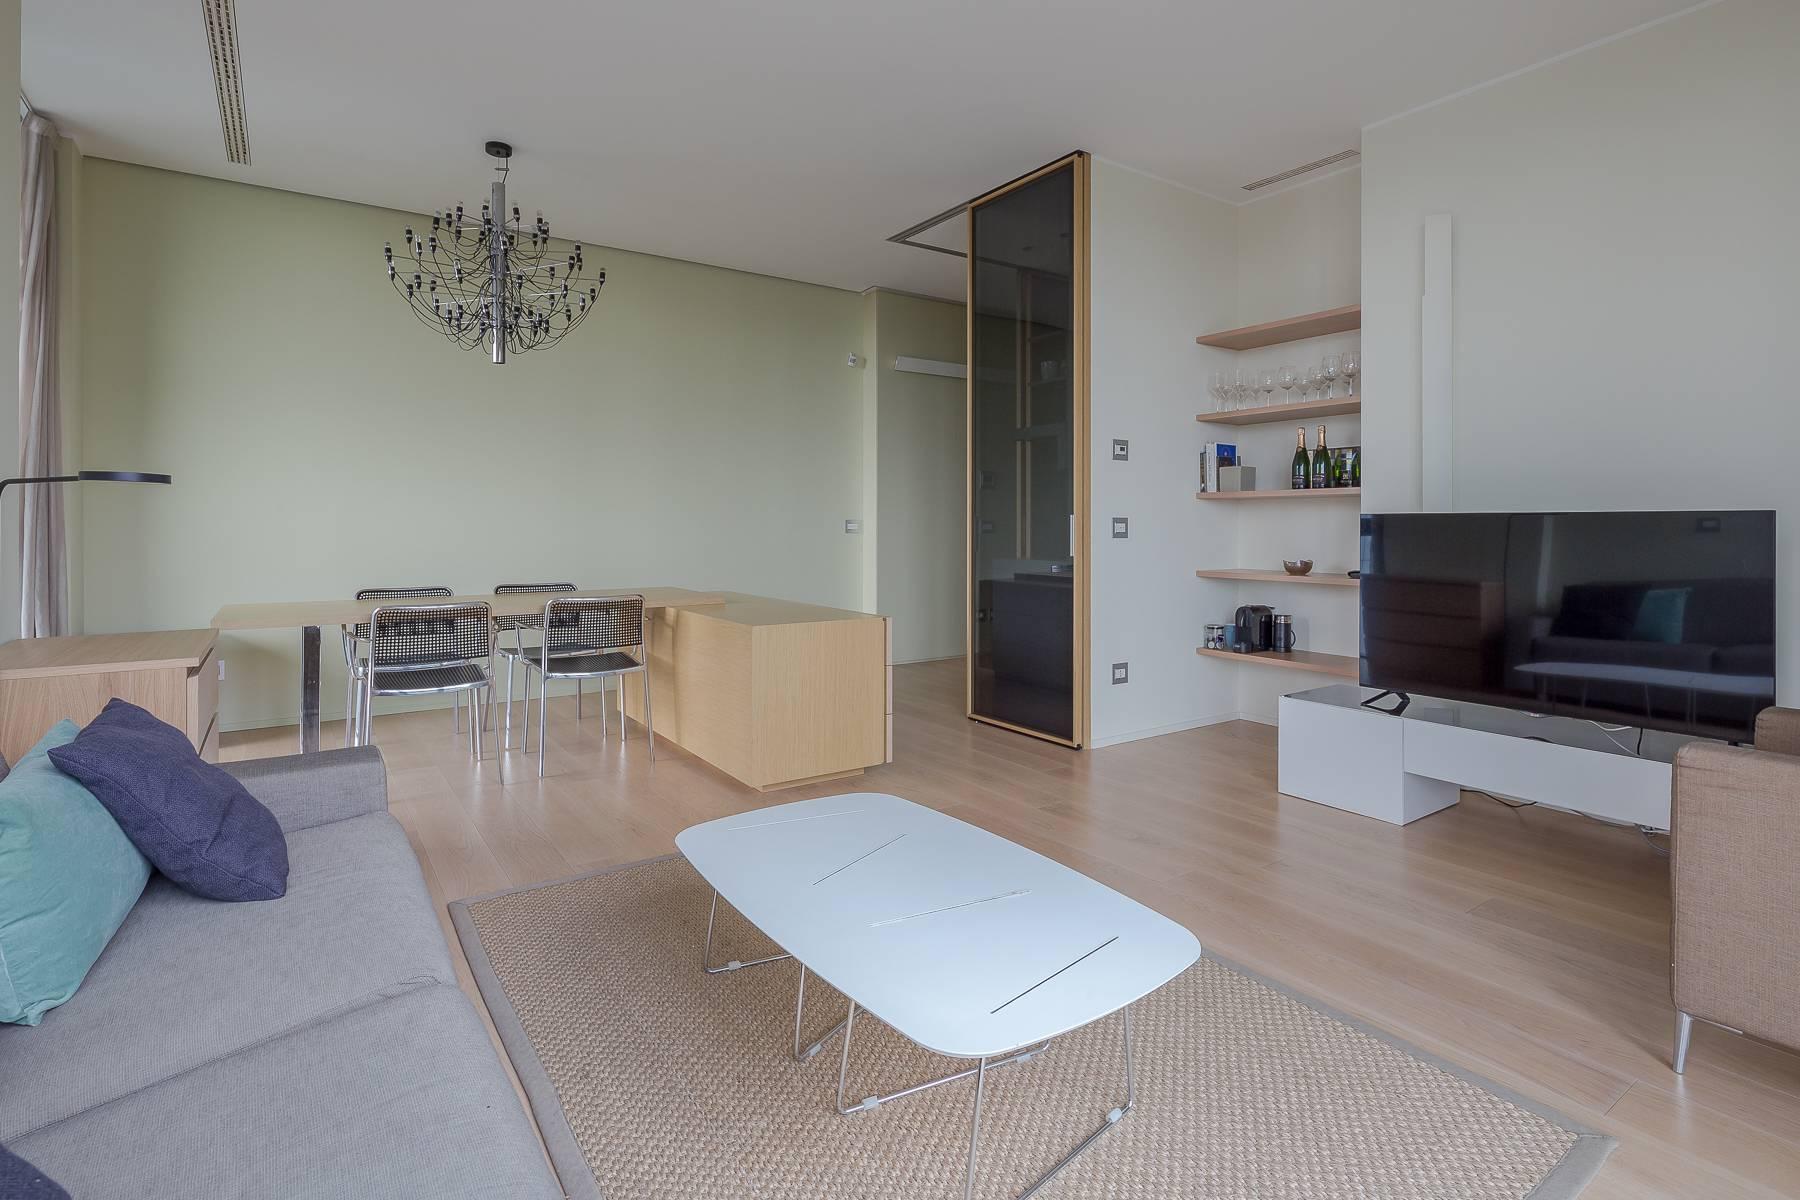 Appartamento in Vendita a Milano: 2 locali, 93 mq - Foto 11